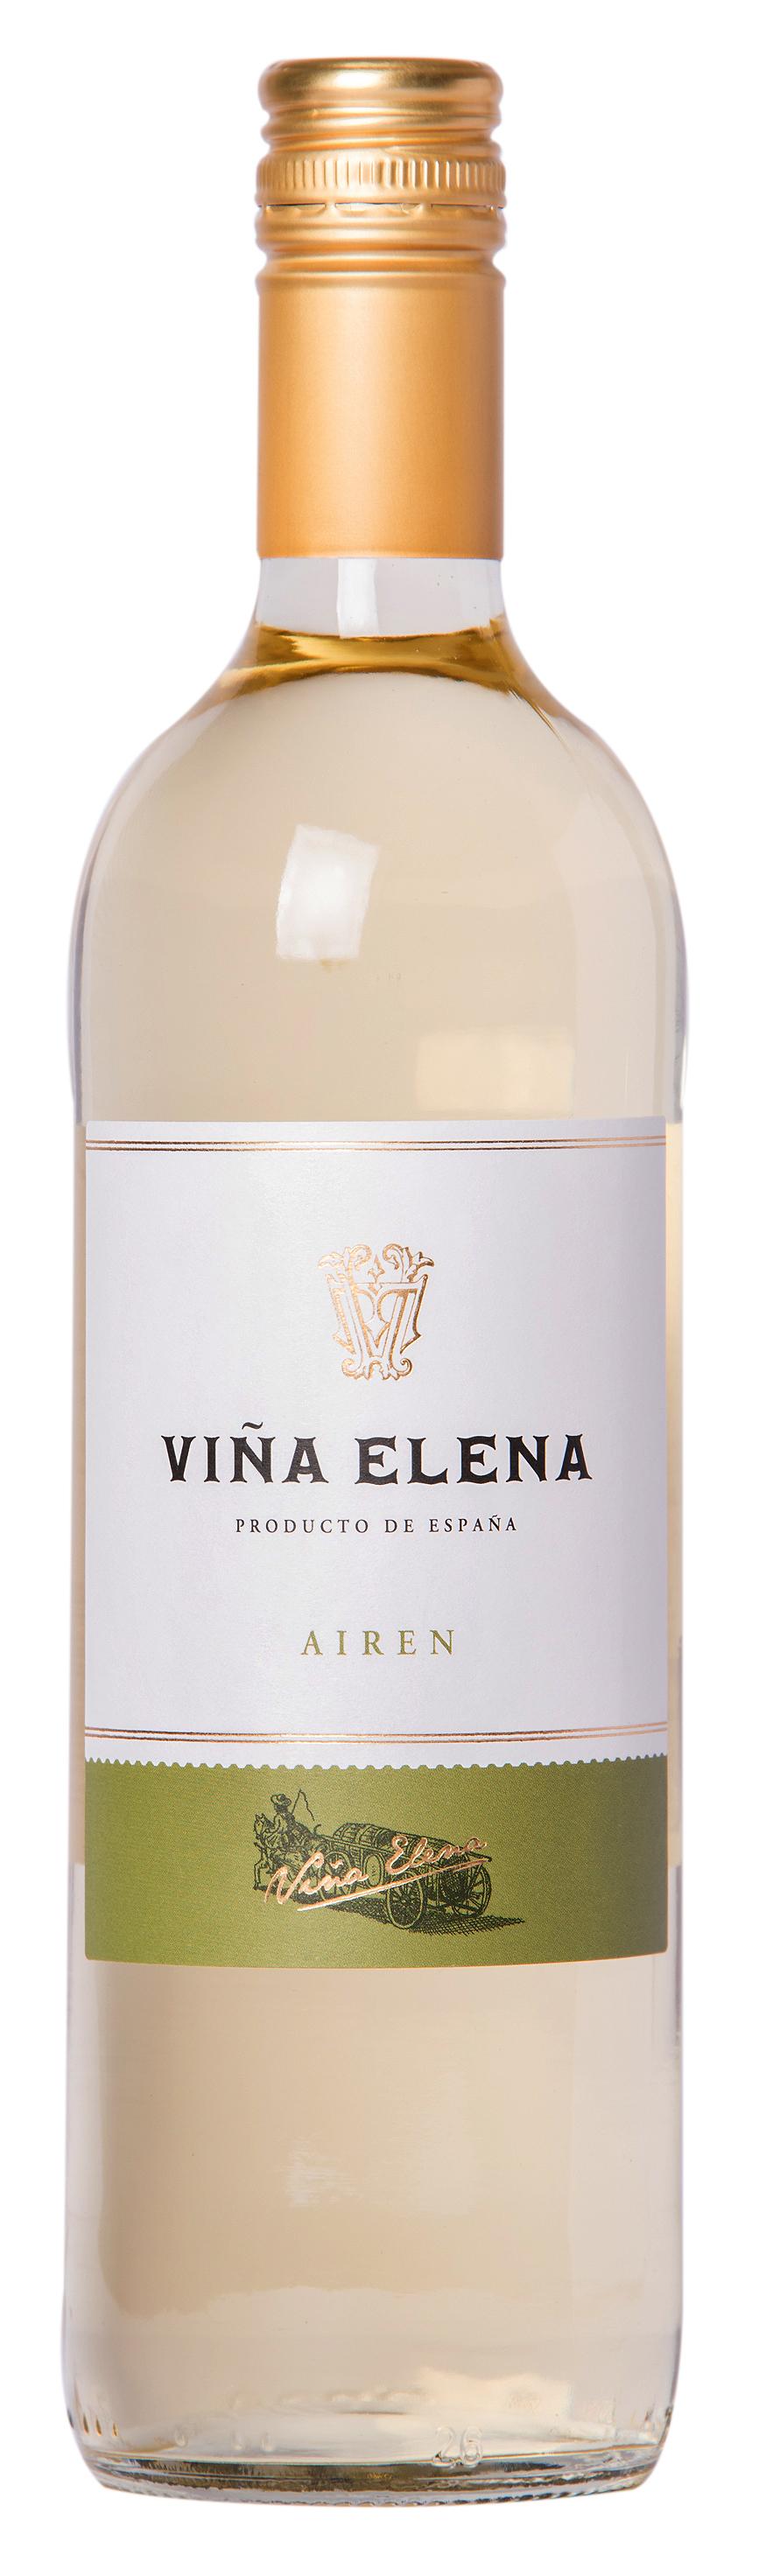 Vina ElenaAiren 75CL